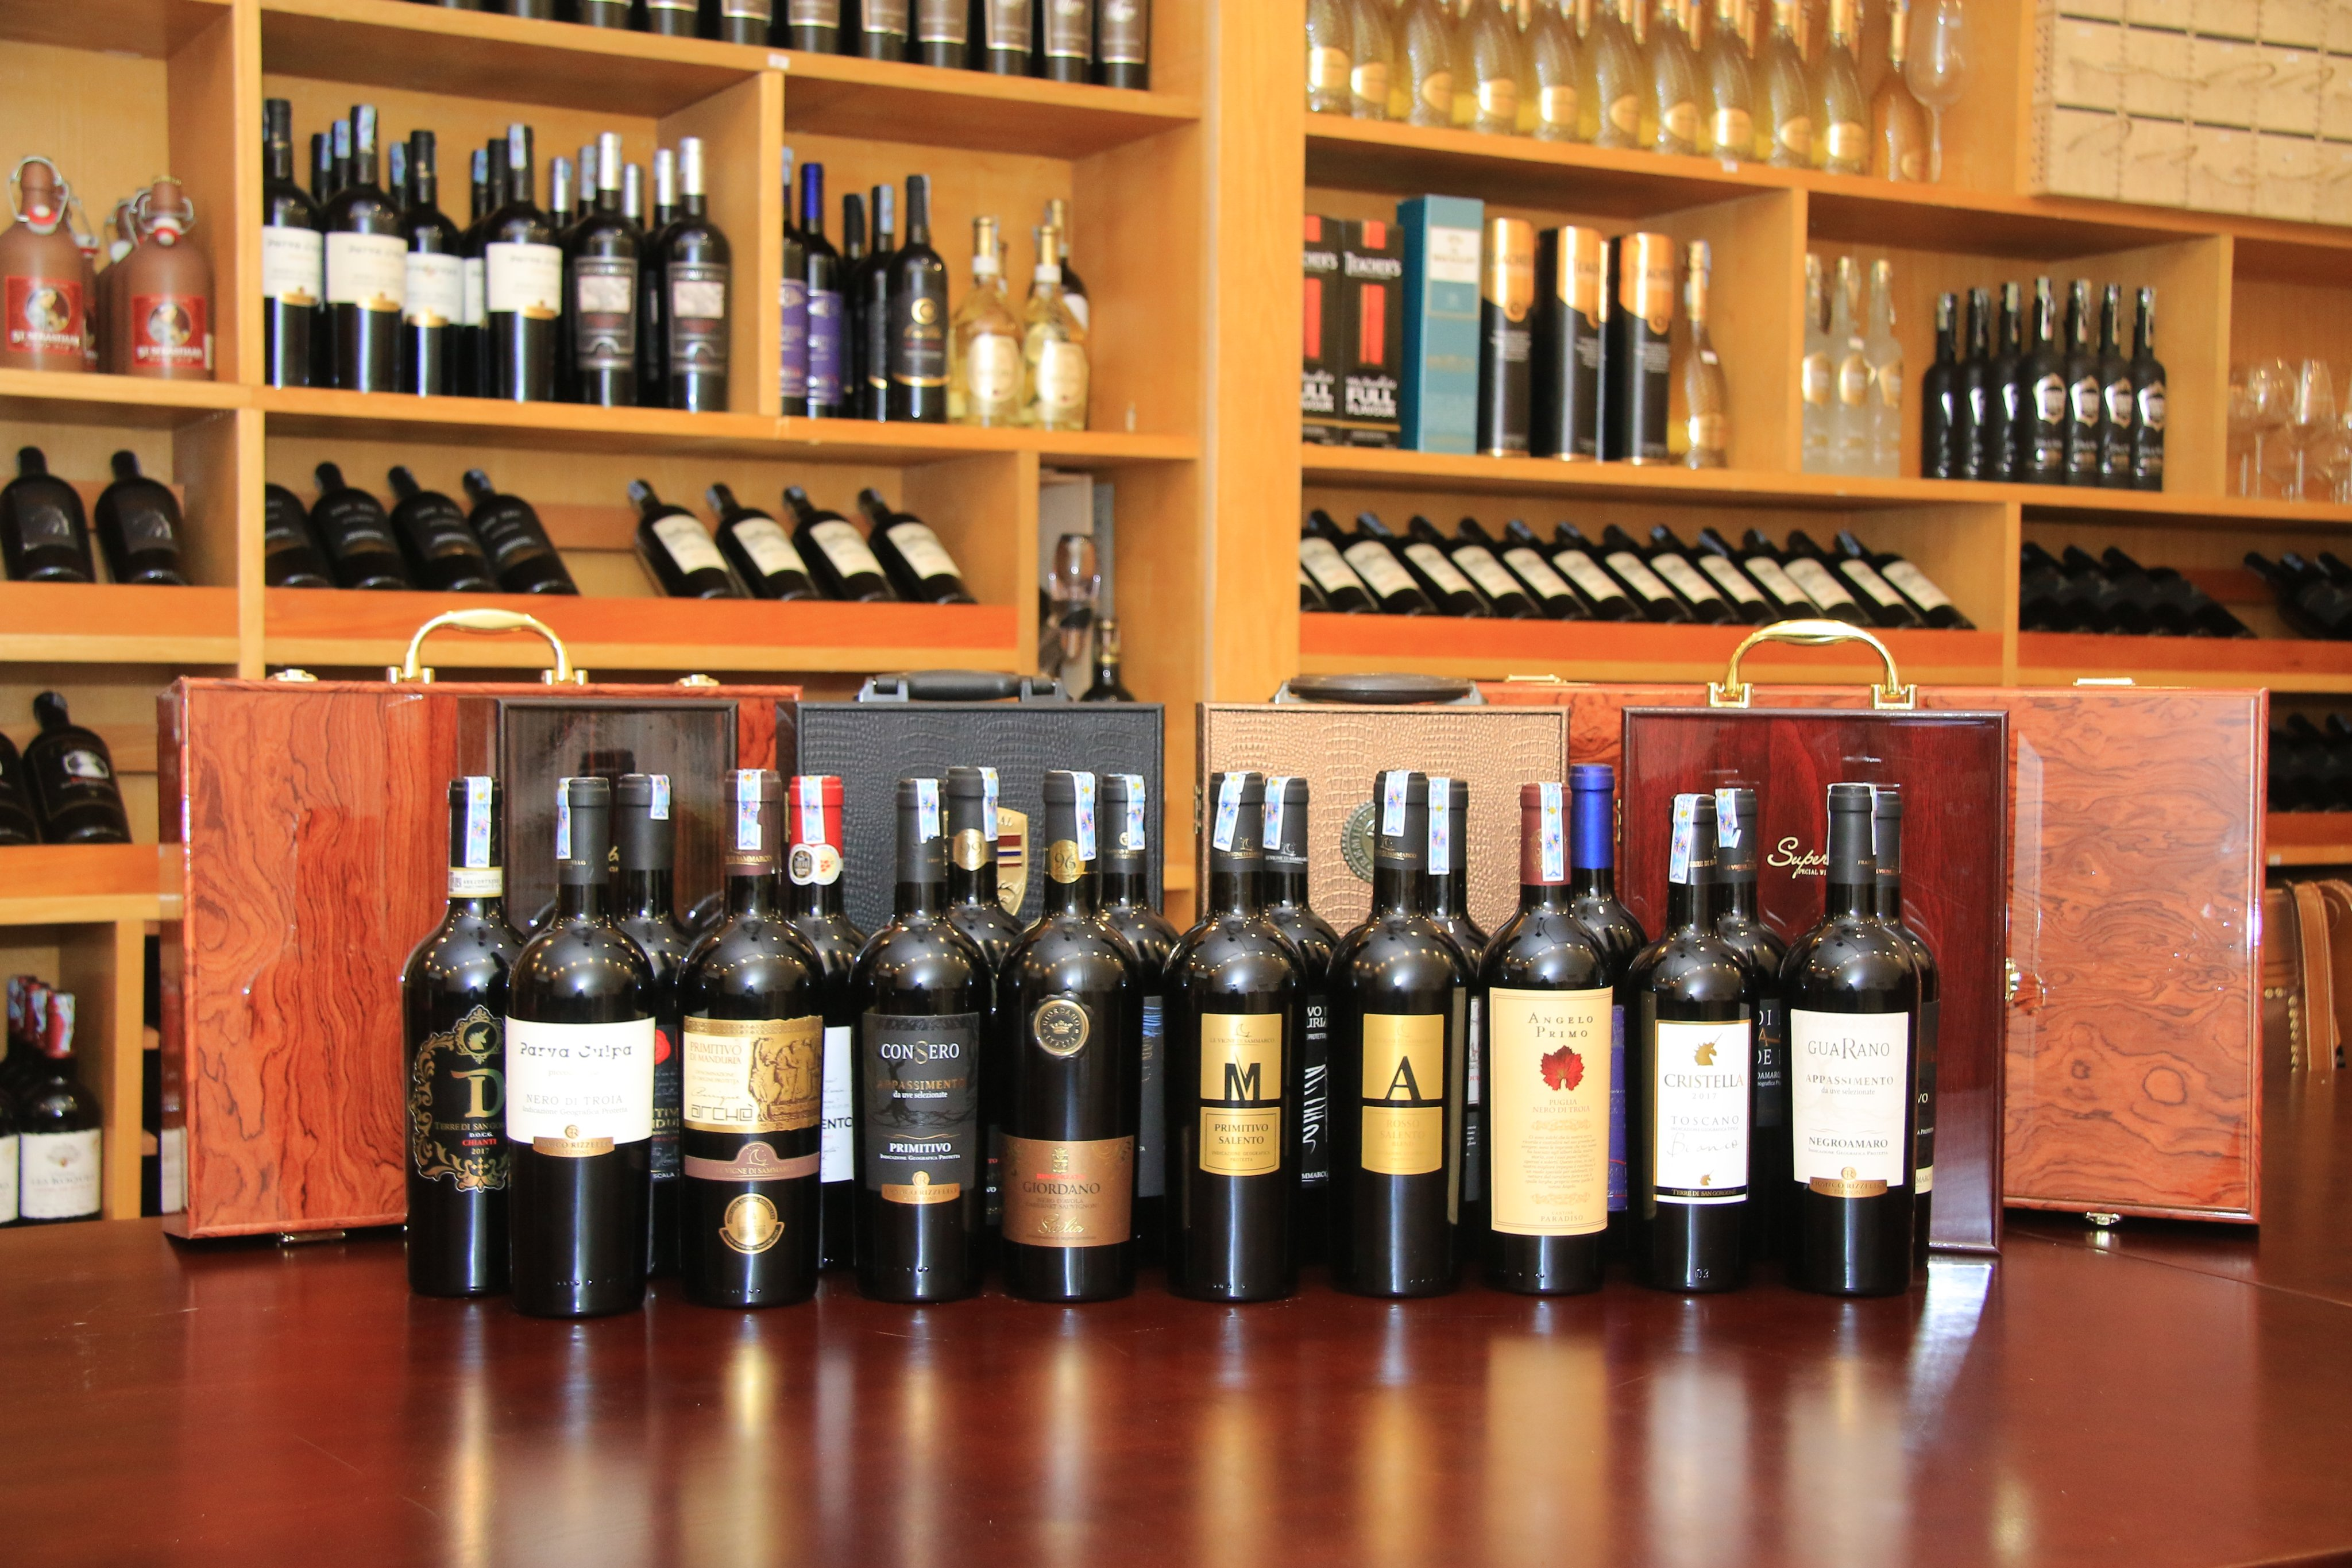 Chọn rượu vang chuẩn như chuyên gia với 4 bí quyết đơn giản